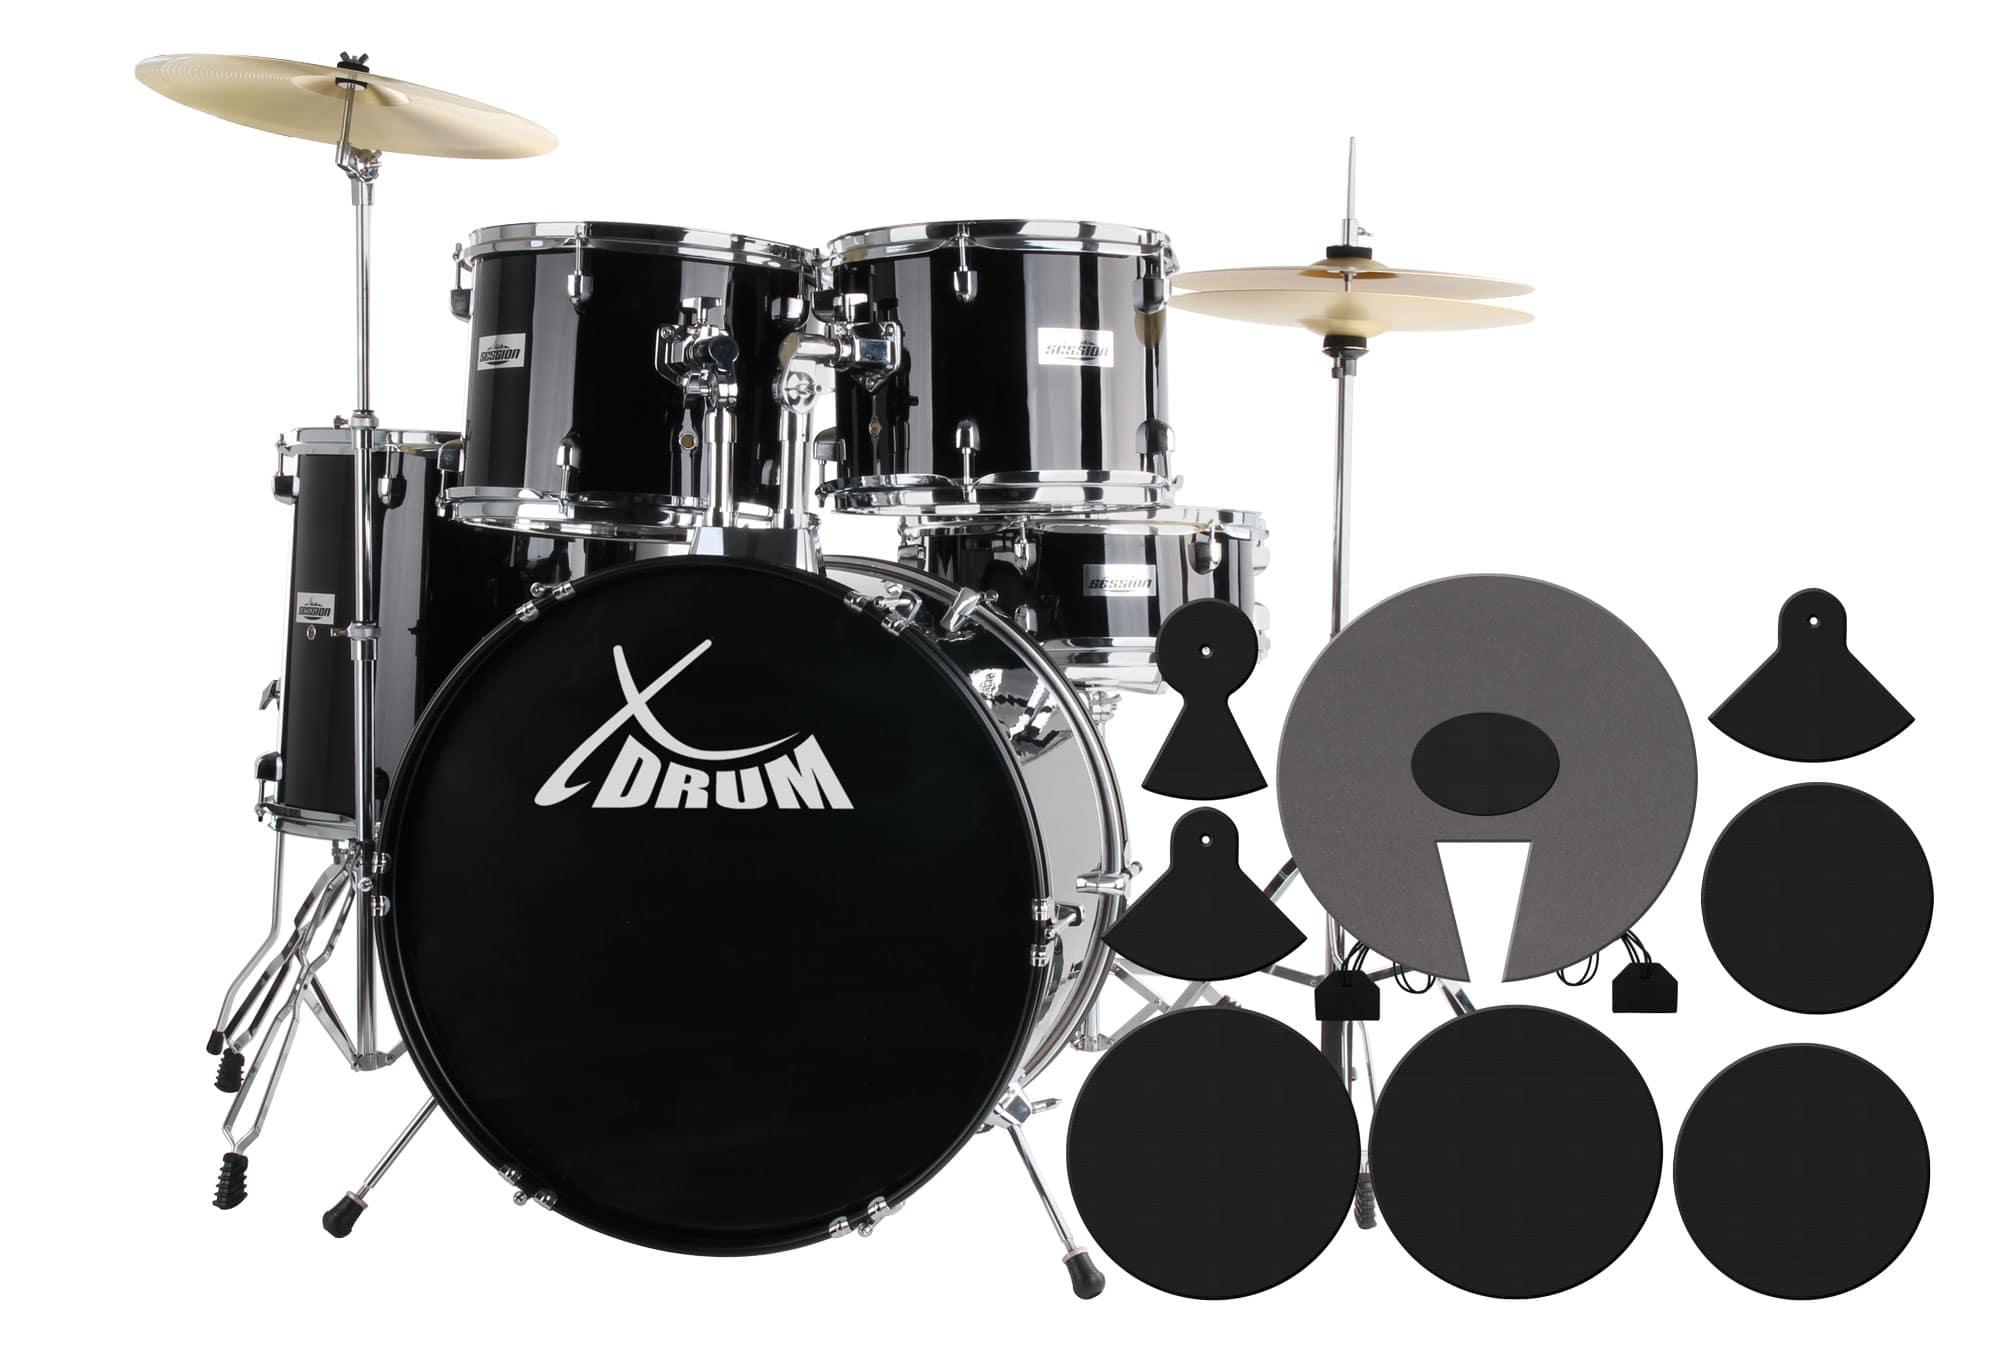 XDrum Semi inkl. Becken Schlagzeug Dämpferset, Midnight Black Drumschool inkl. DVD